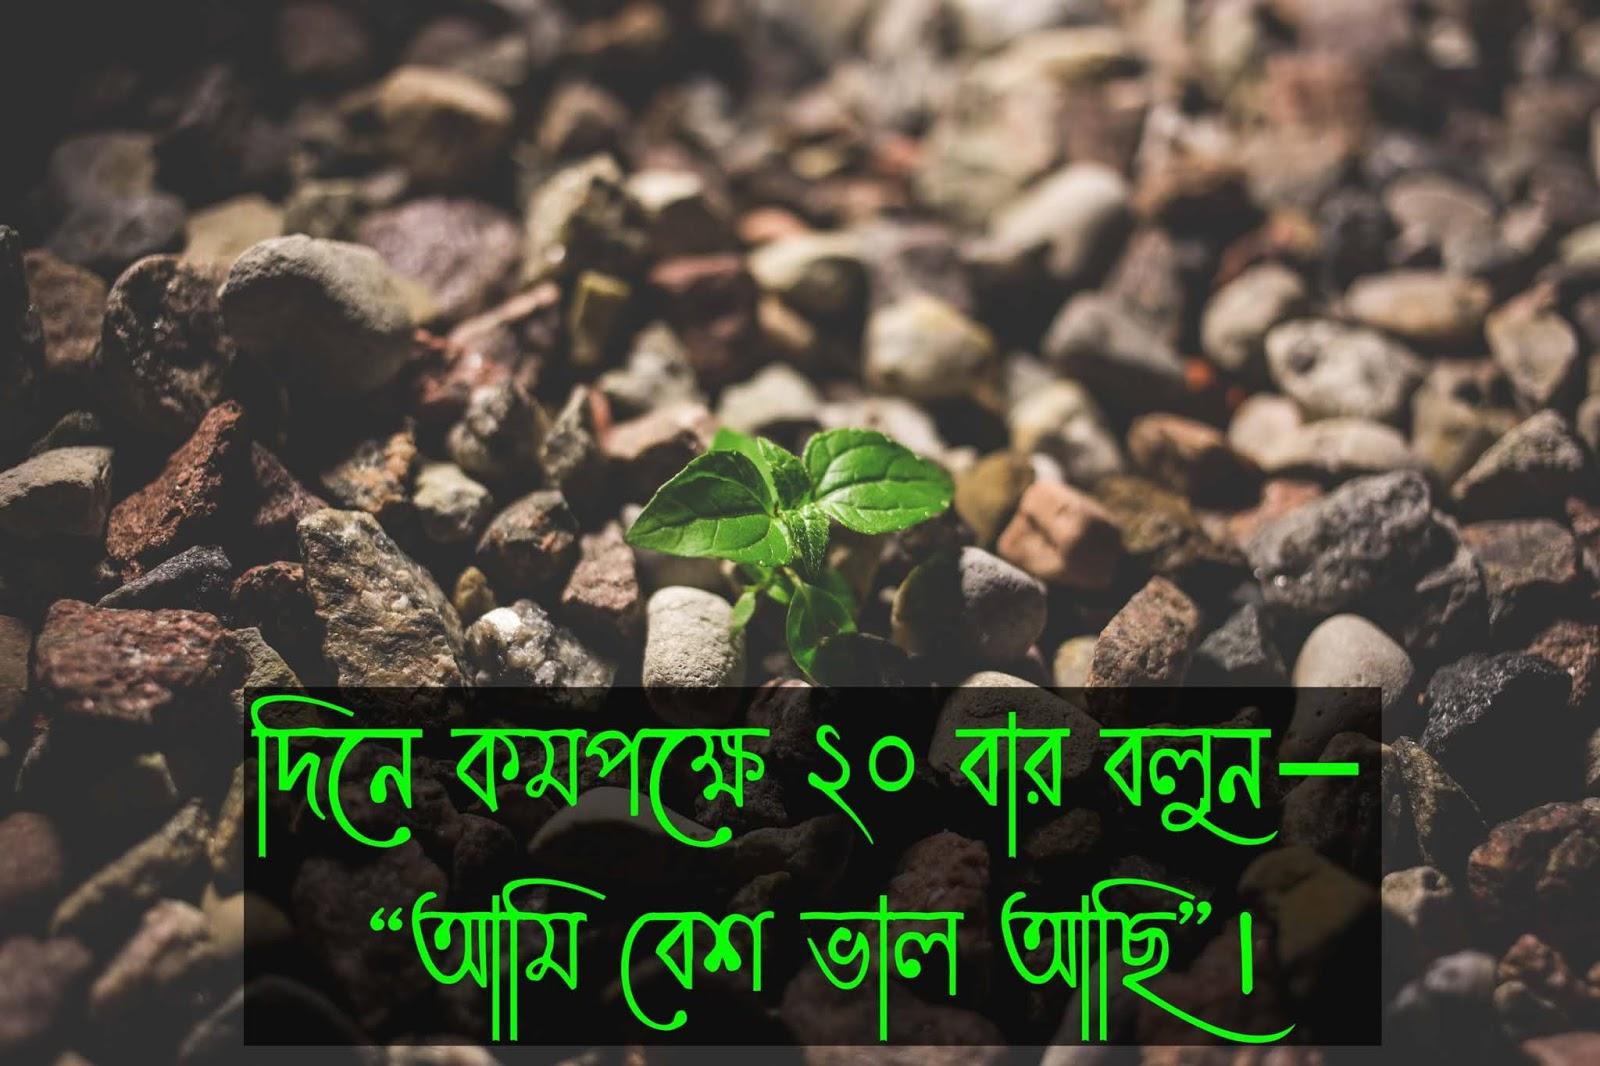 Bangla status for about life